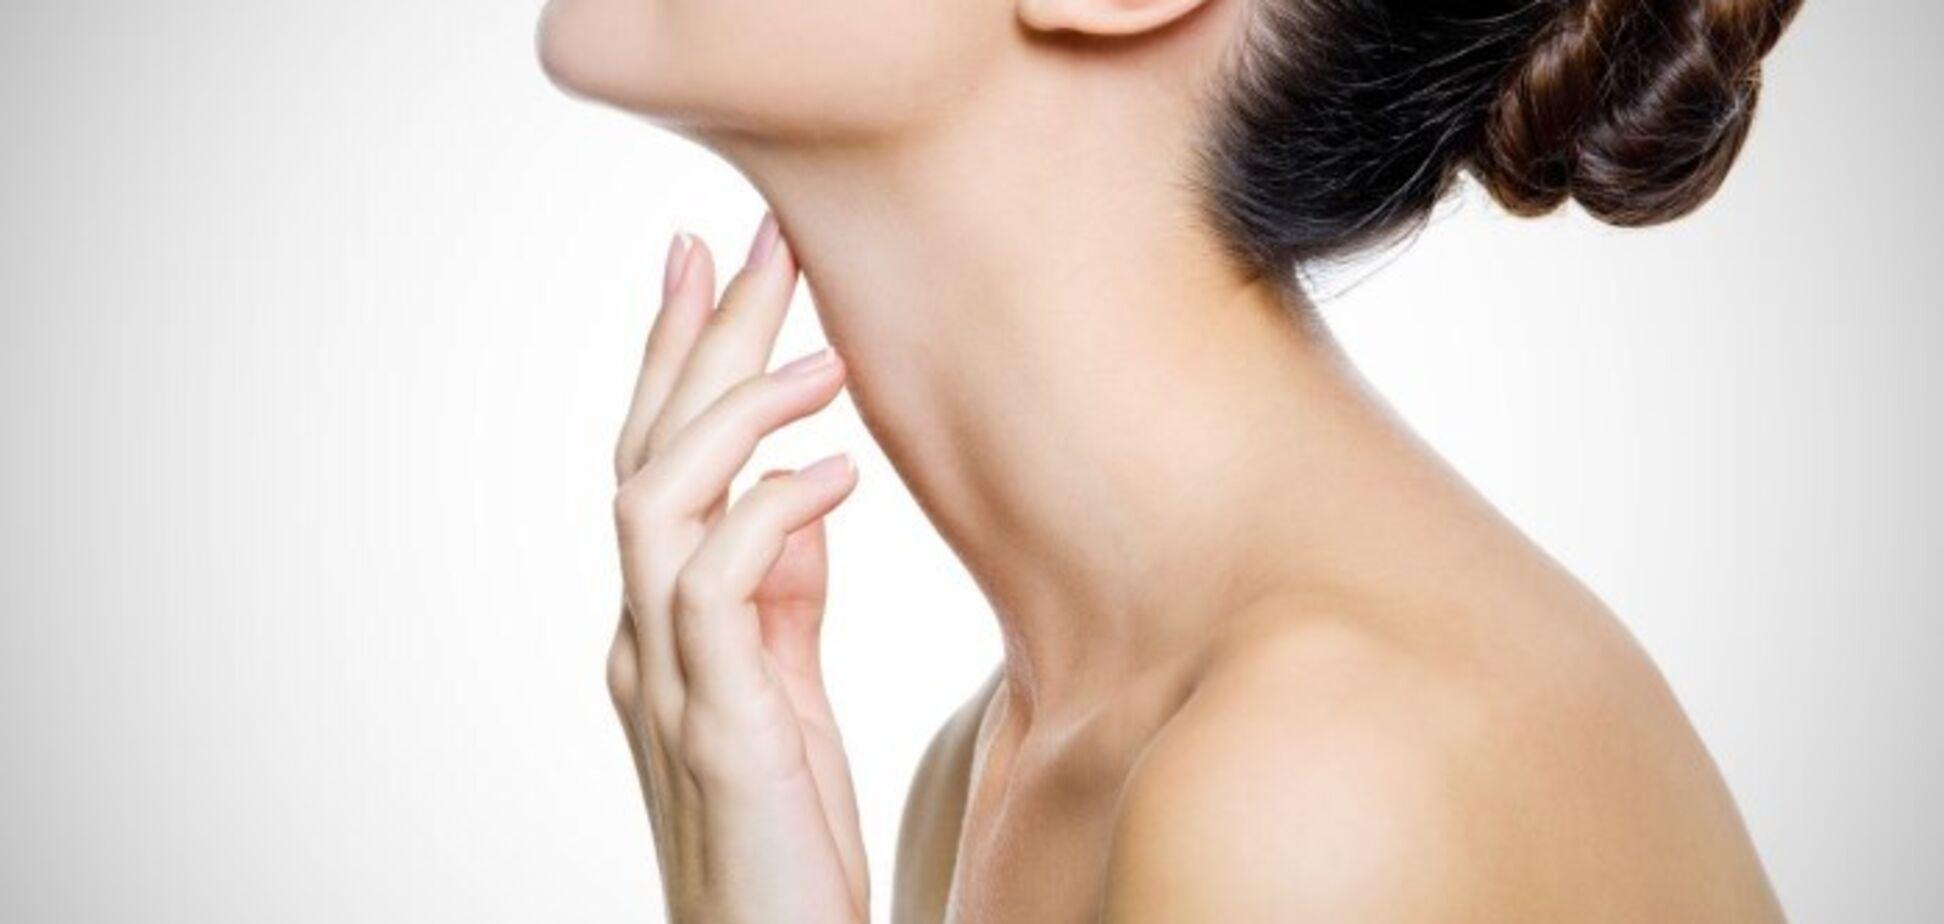 Морщины-кольца на шее: как избавиться